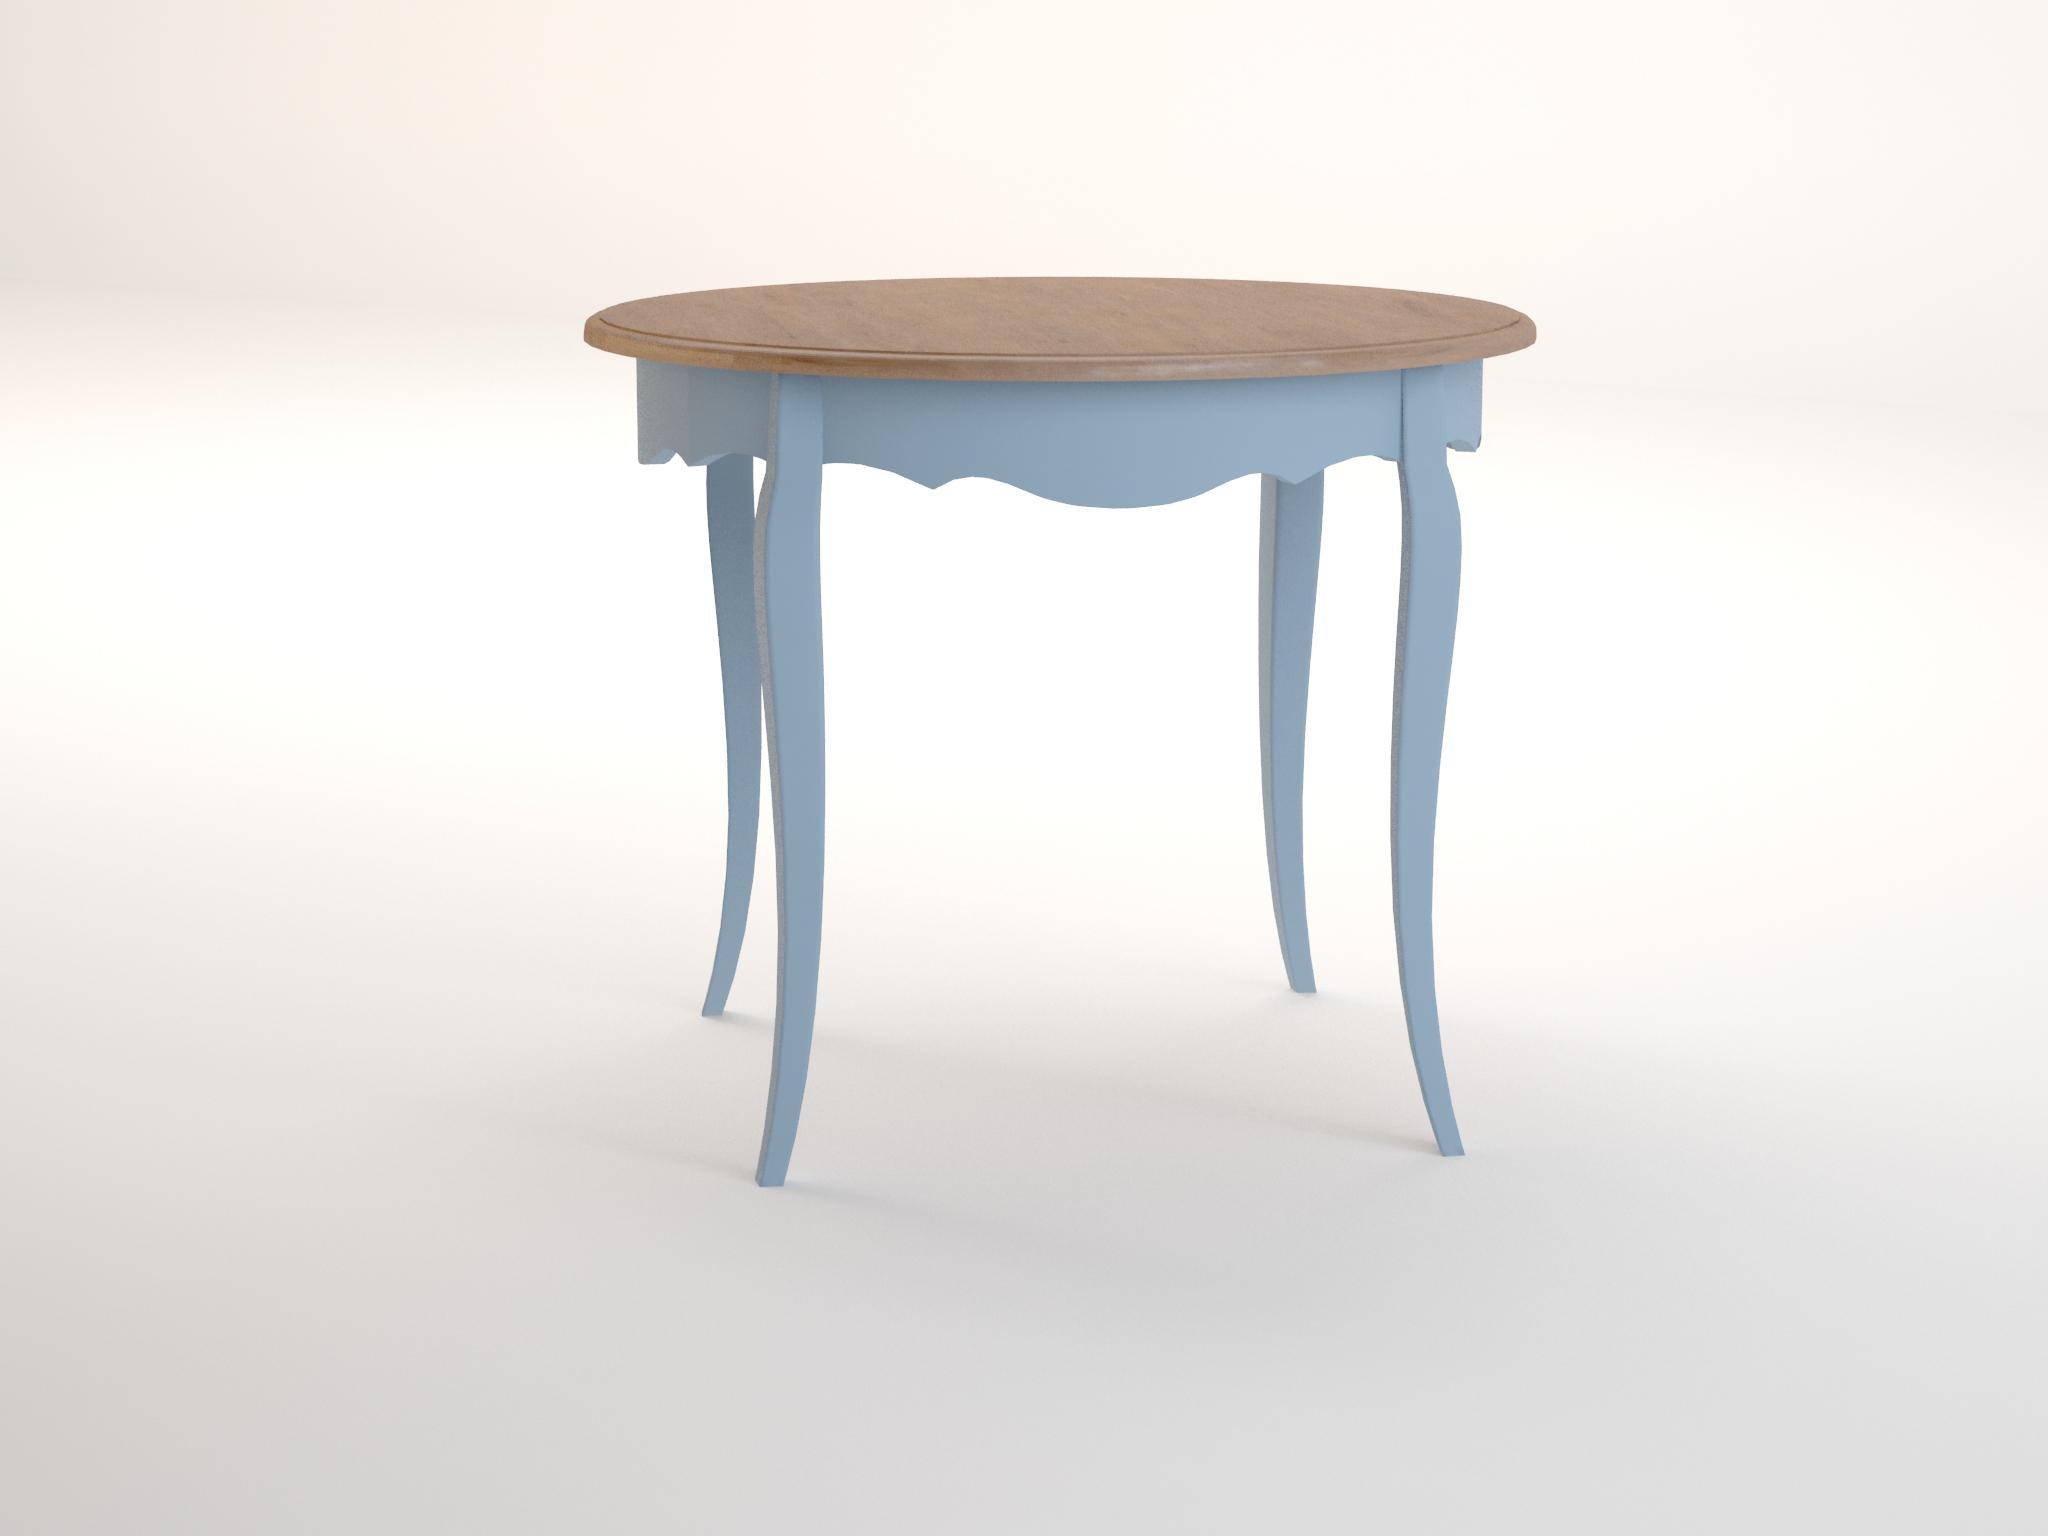 Стол обеденный LeontinaОбеденные столы<br><br><br>Material: Береза<br>Width см: None<br>Depth см: None<br>Height см: 76<br>Diameter см: 90